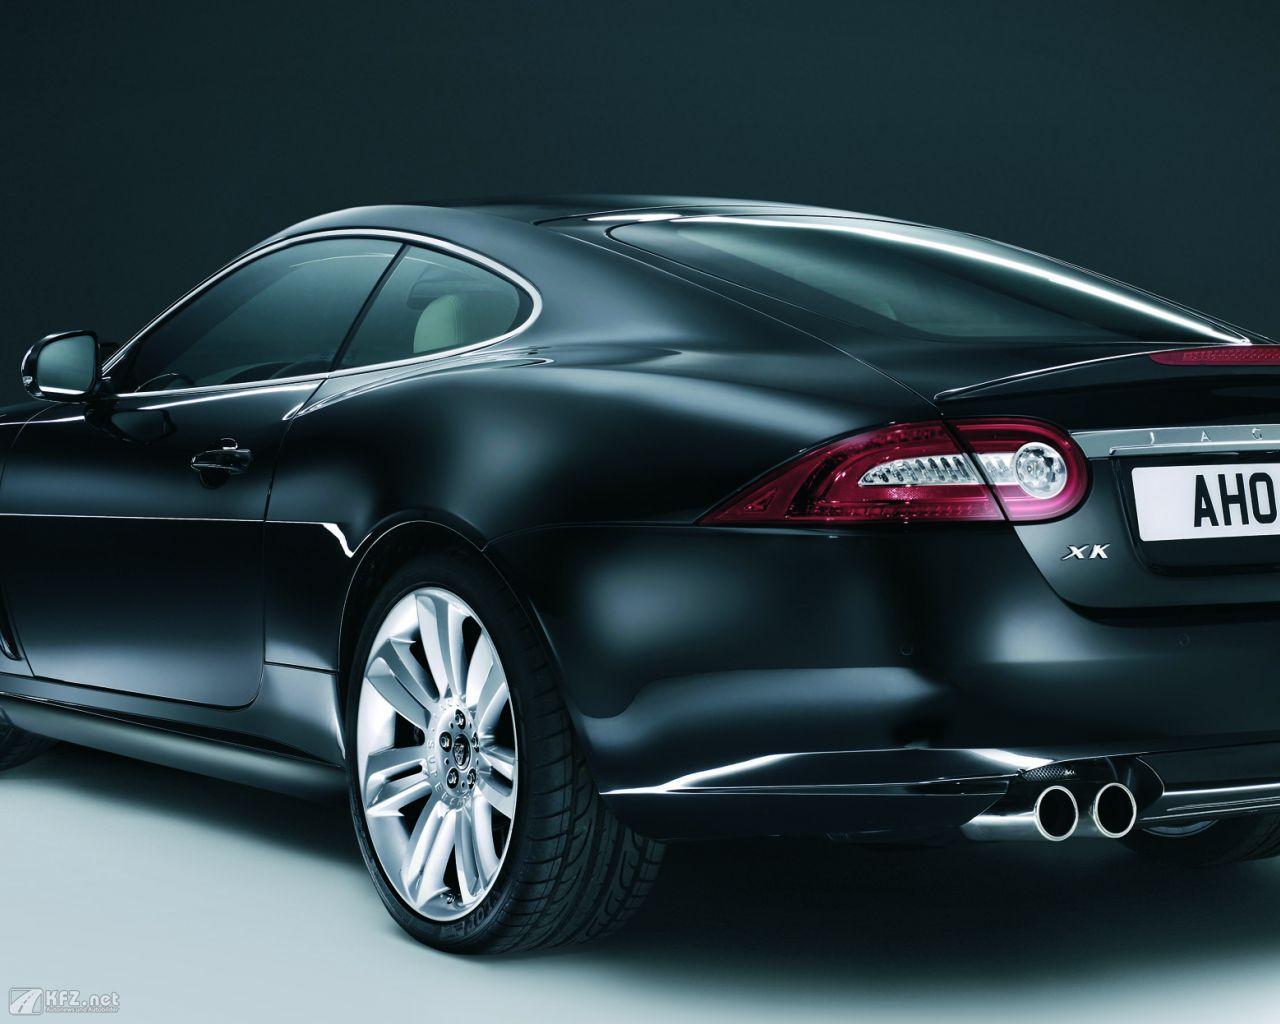 jaguar-xk8-1280x1024-11